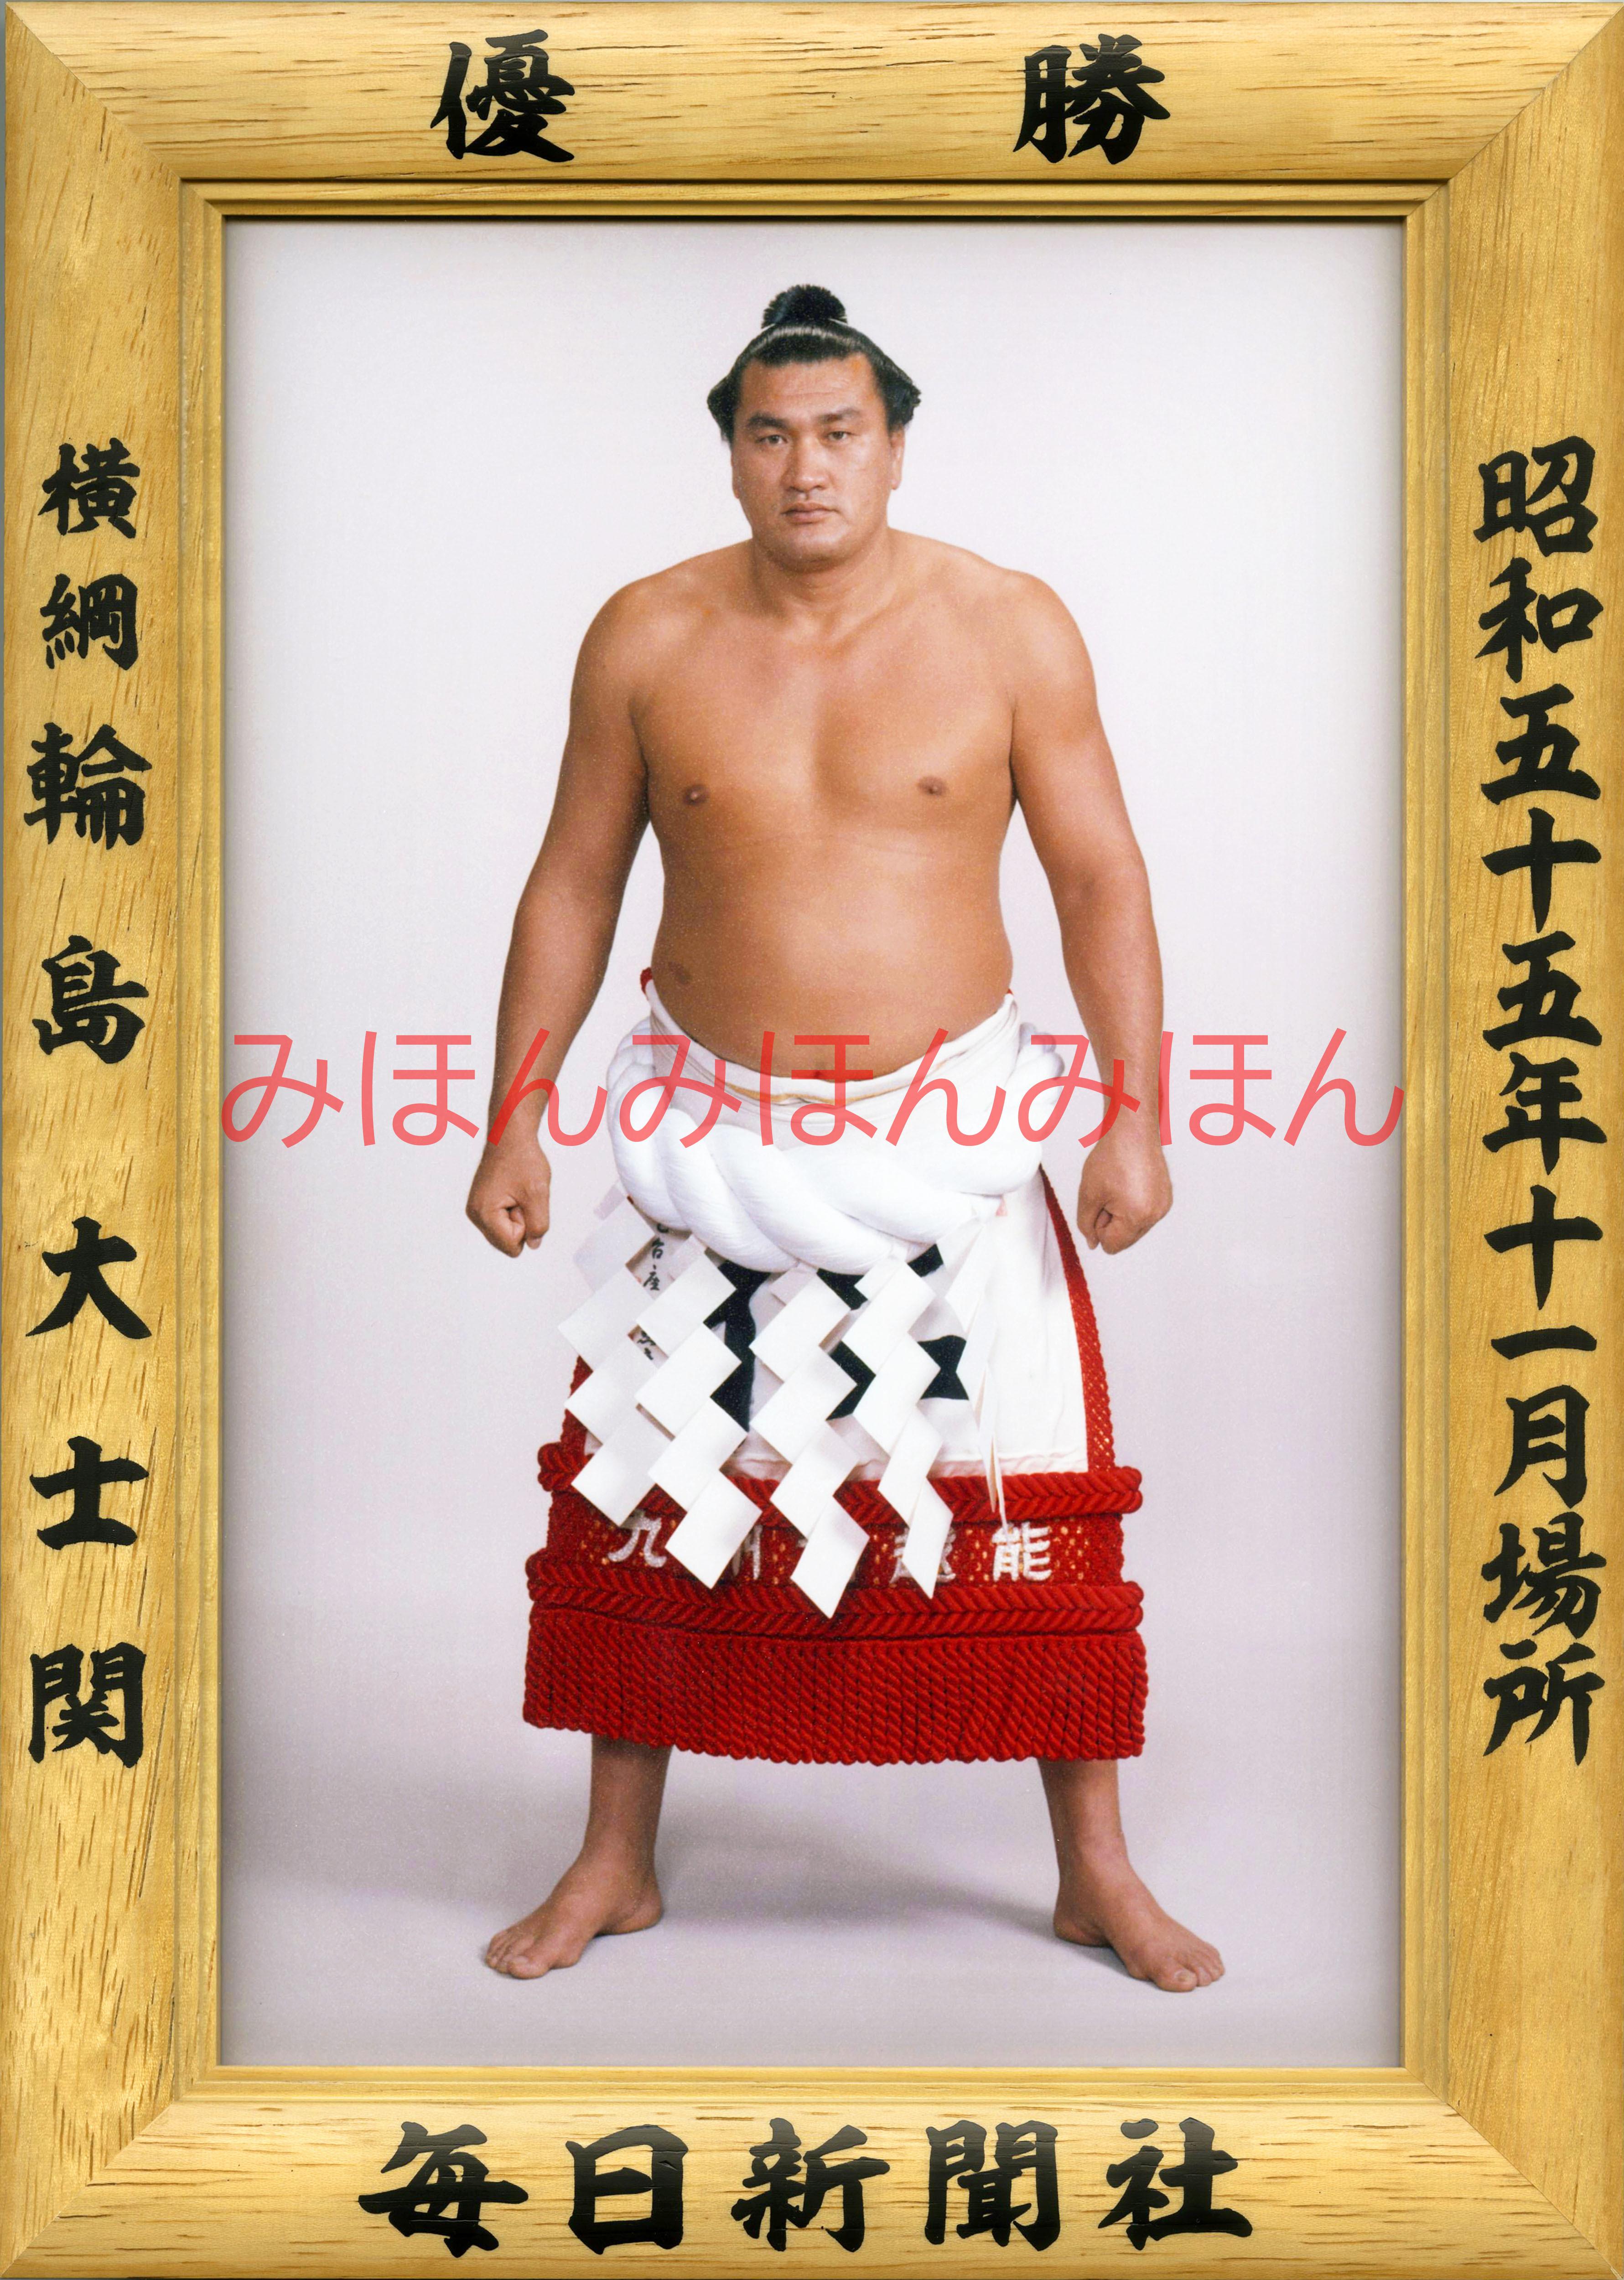 昭和55年11月場所優勝 横綱 輪島大士関(14回目最後の優勝)